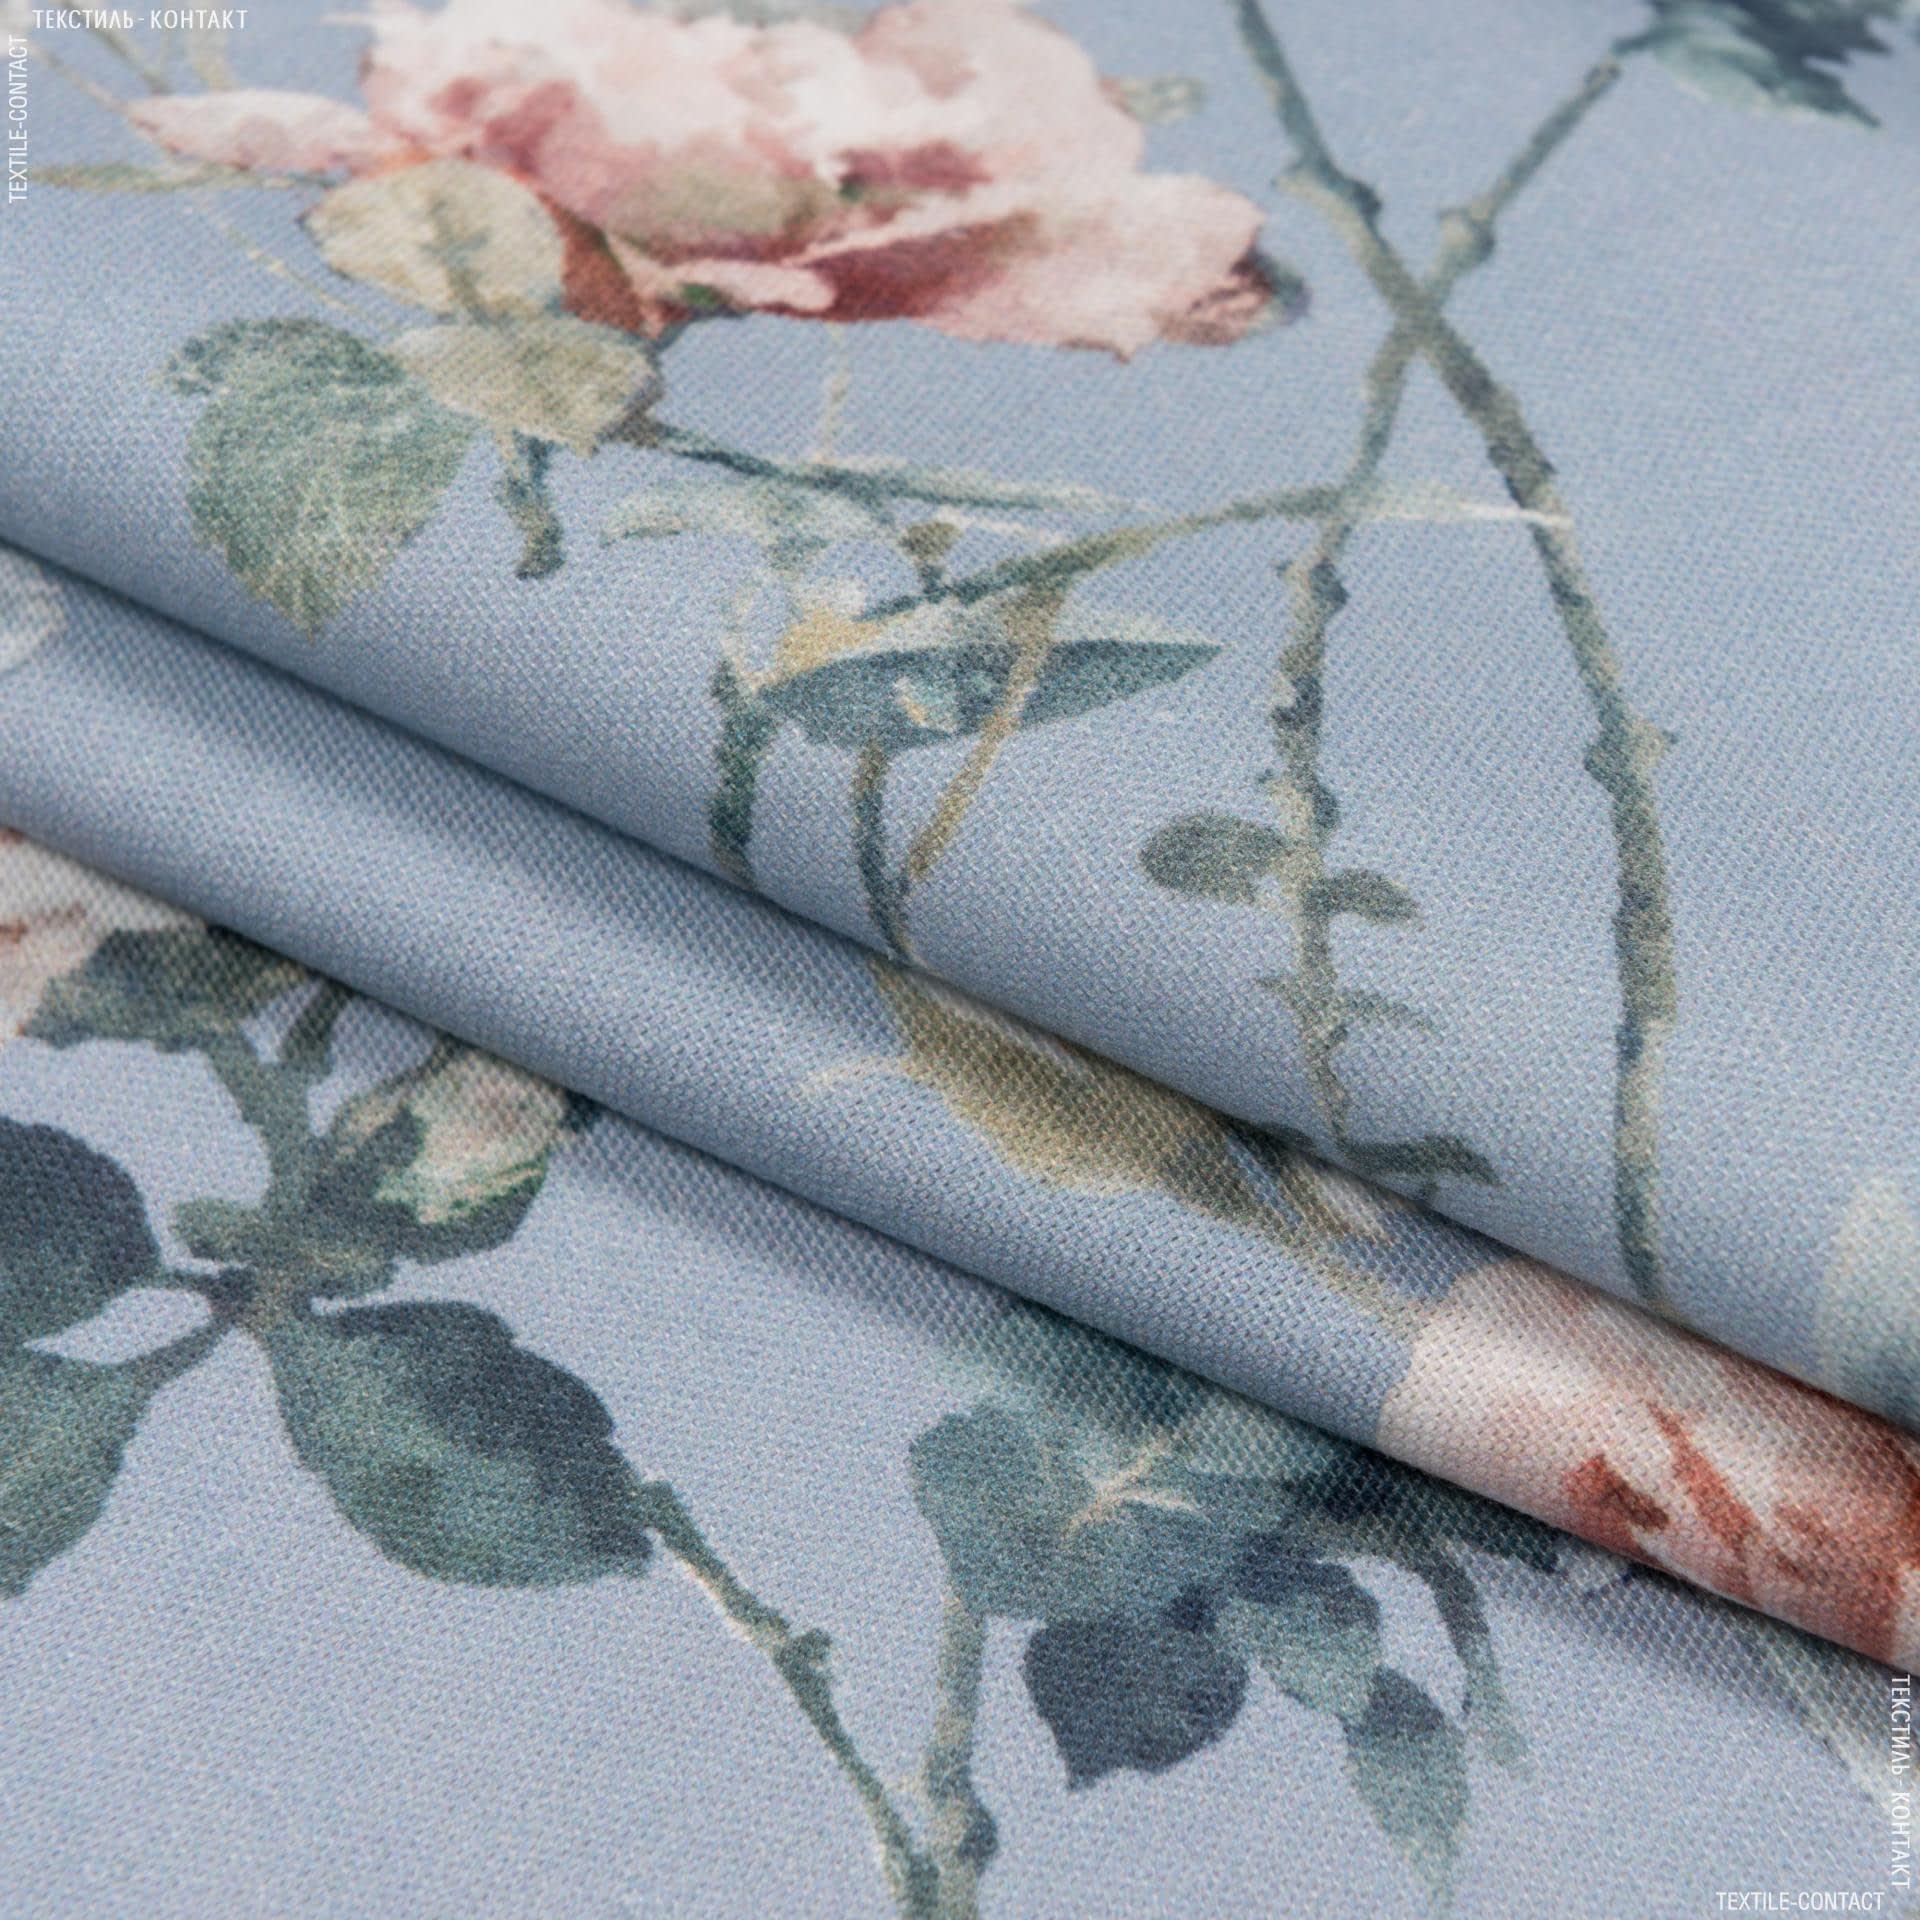 Ткани портьерные ткани - Декоративная ткань  сомбра розы /  sombra фон голубой